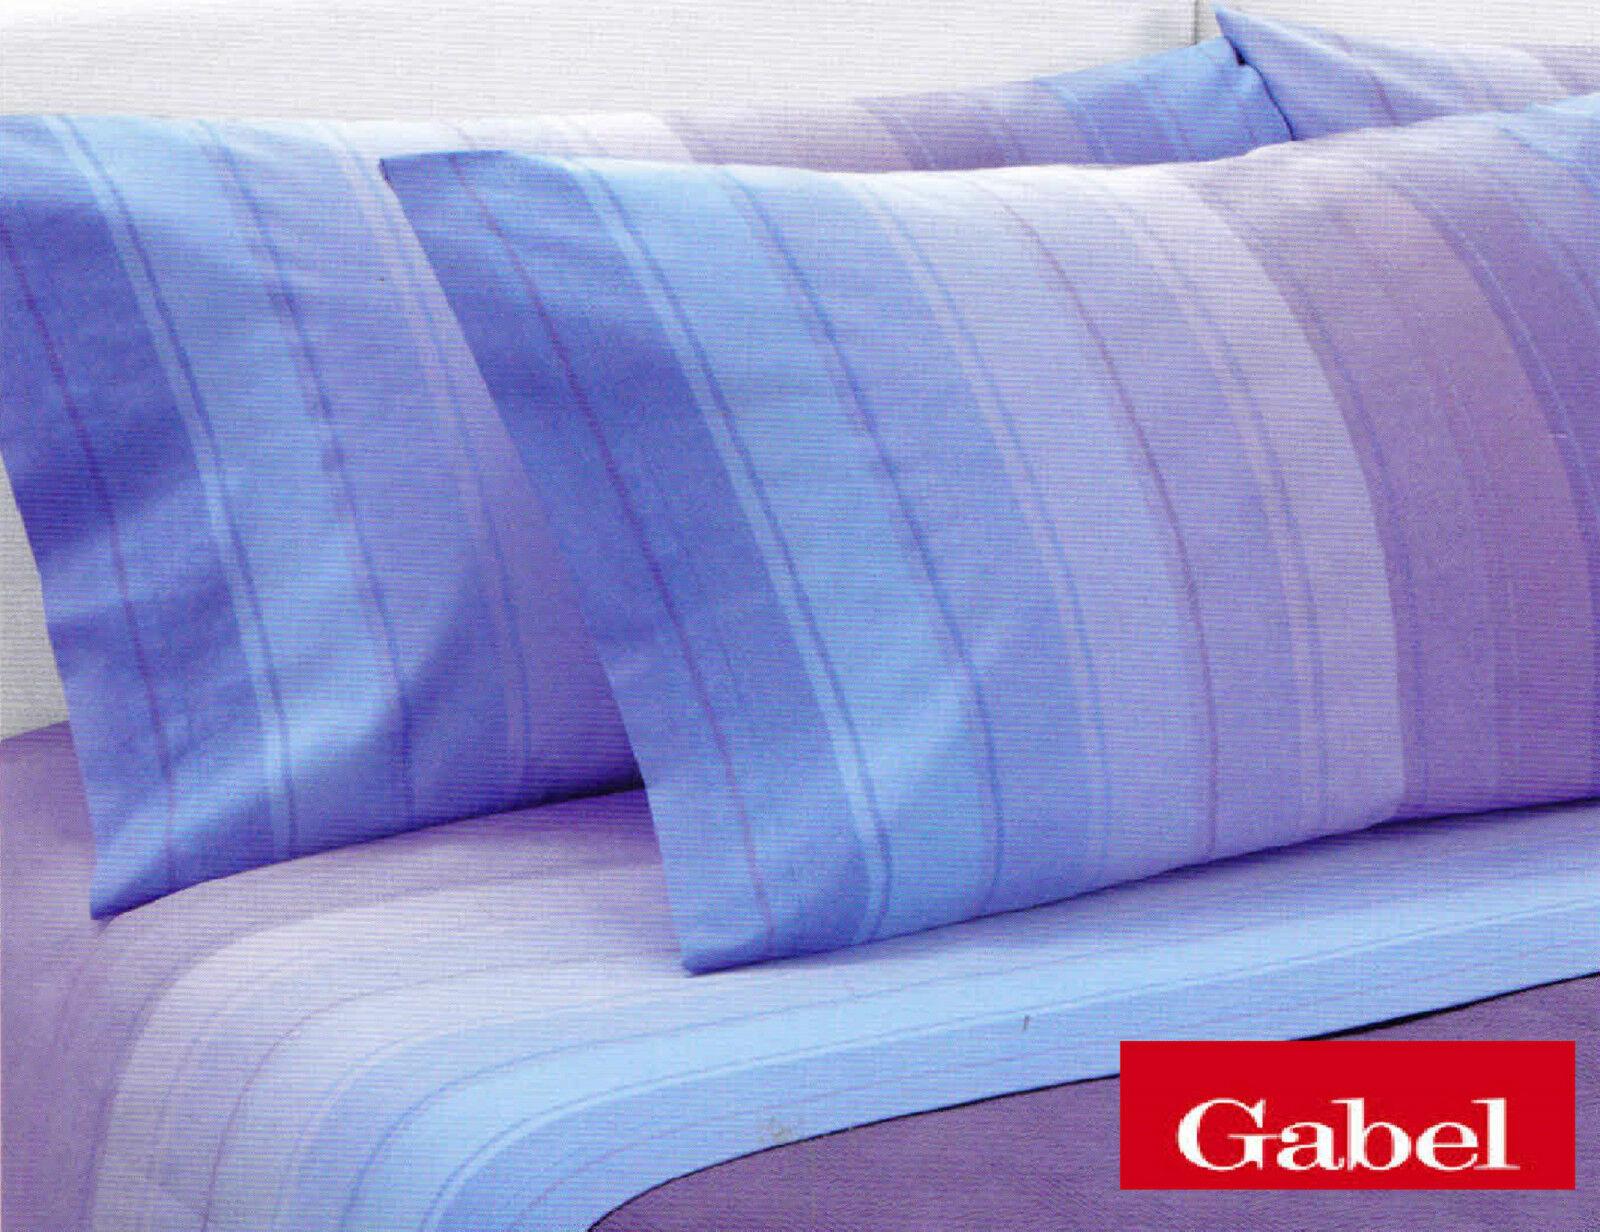 Set Bettwäsche Doppelbett GABEL - special edition 13678. 100% Baumwolle